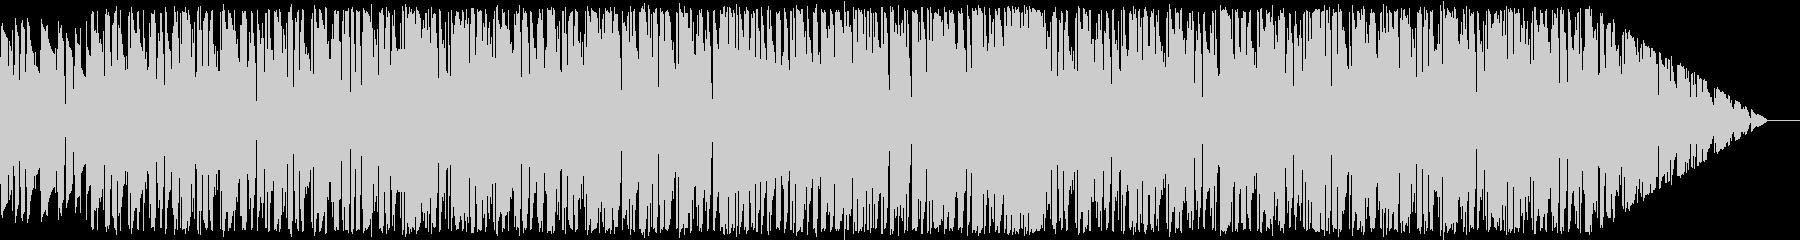 ピアノとギターを使ったドラムンベース風の未再生の波形